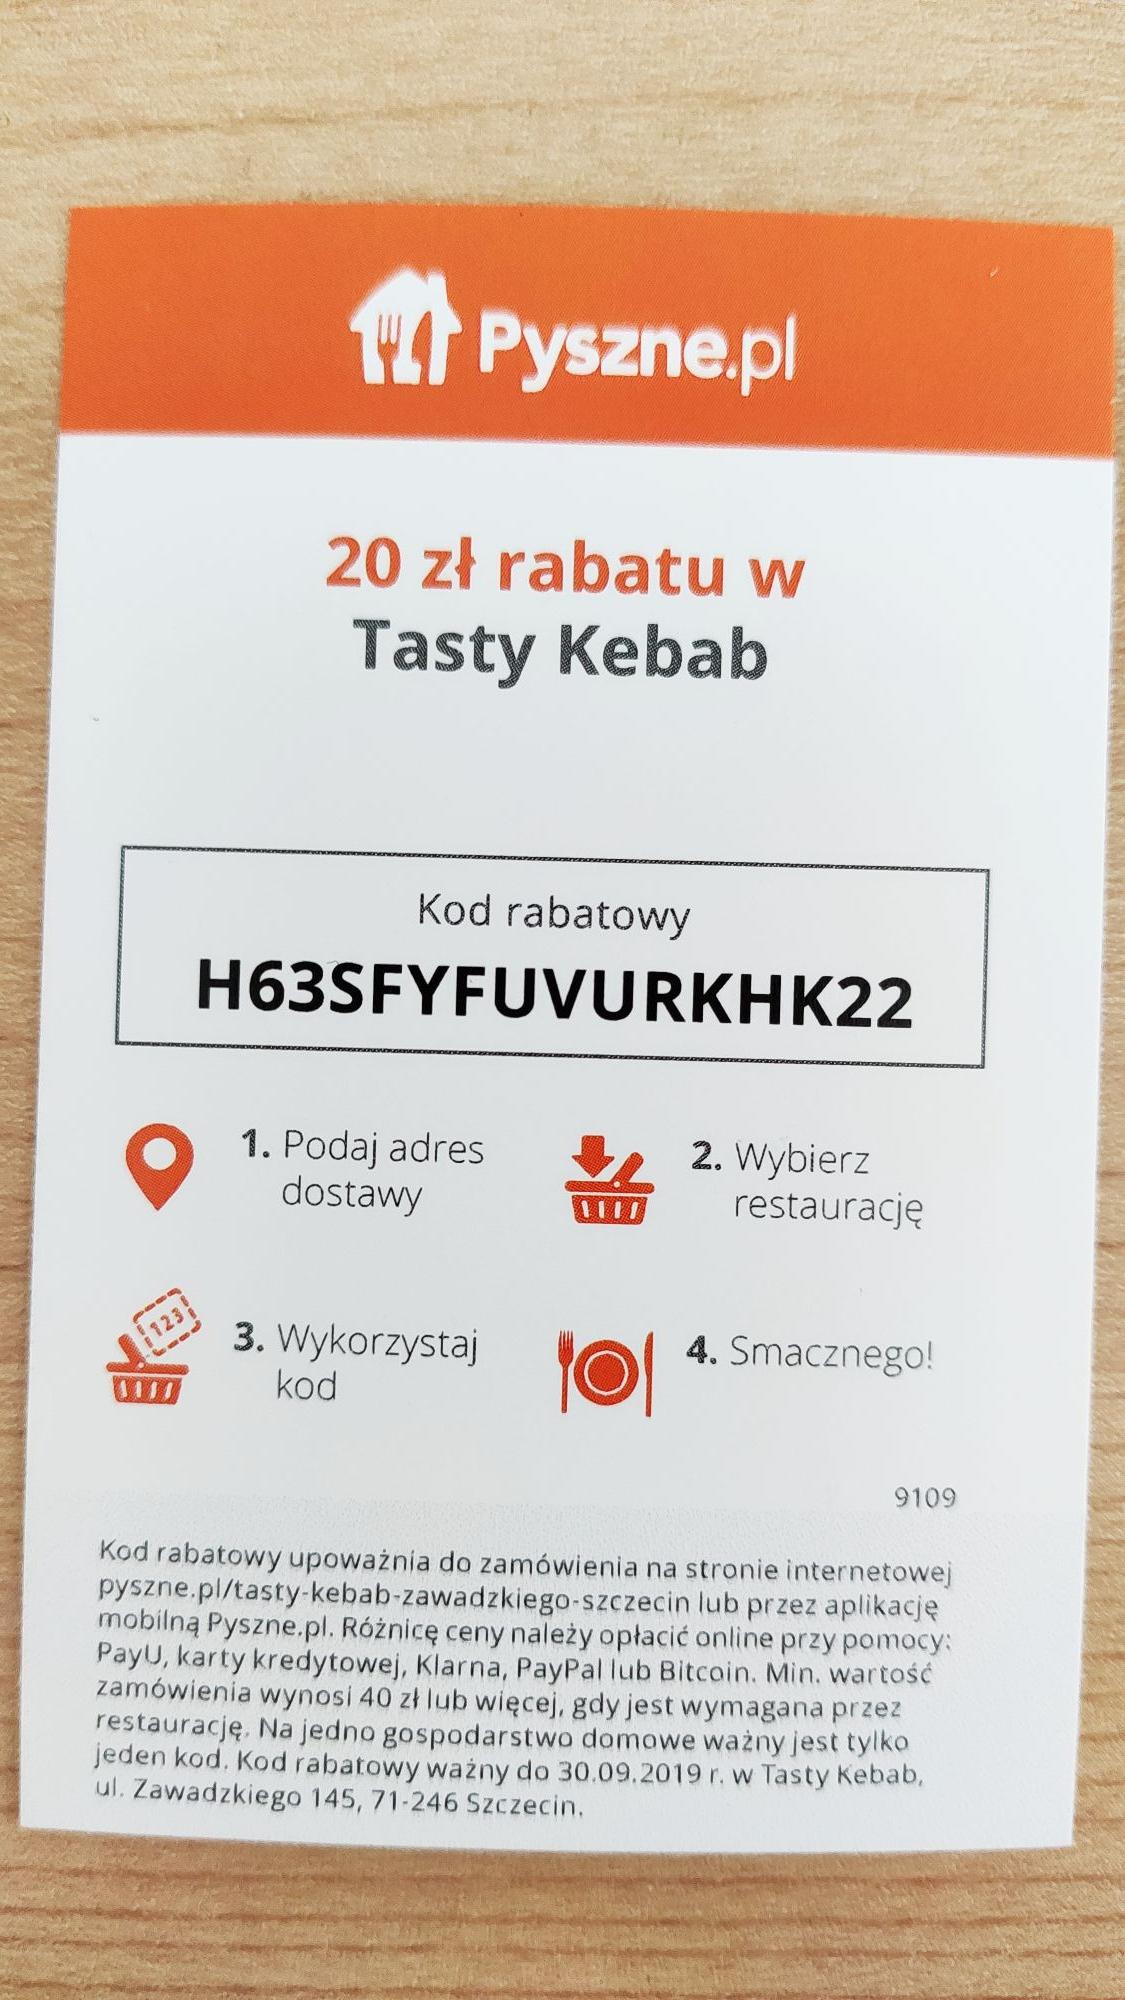 [Szczecin] Tasty Kebab - Kupon rabatowy 20 zł przy MWZ 40 zł